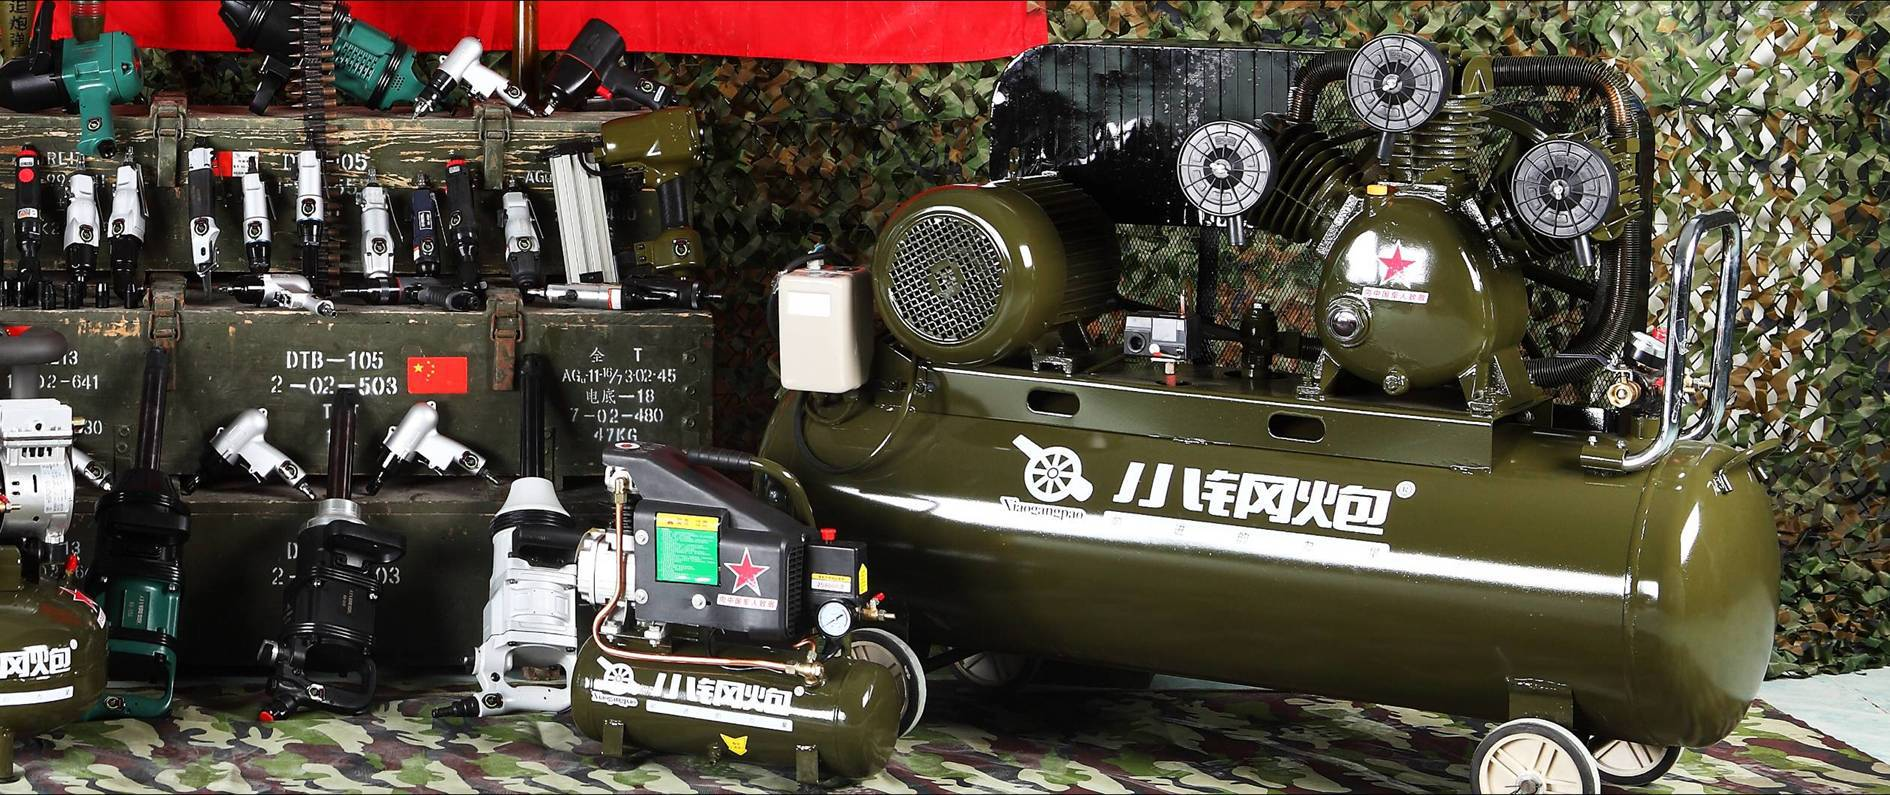 小钢炮电动工具 特种云石机 X2-110A图片六